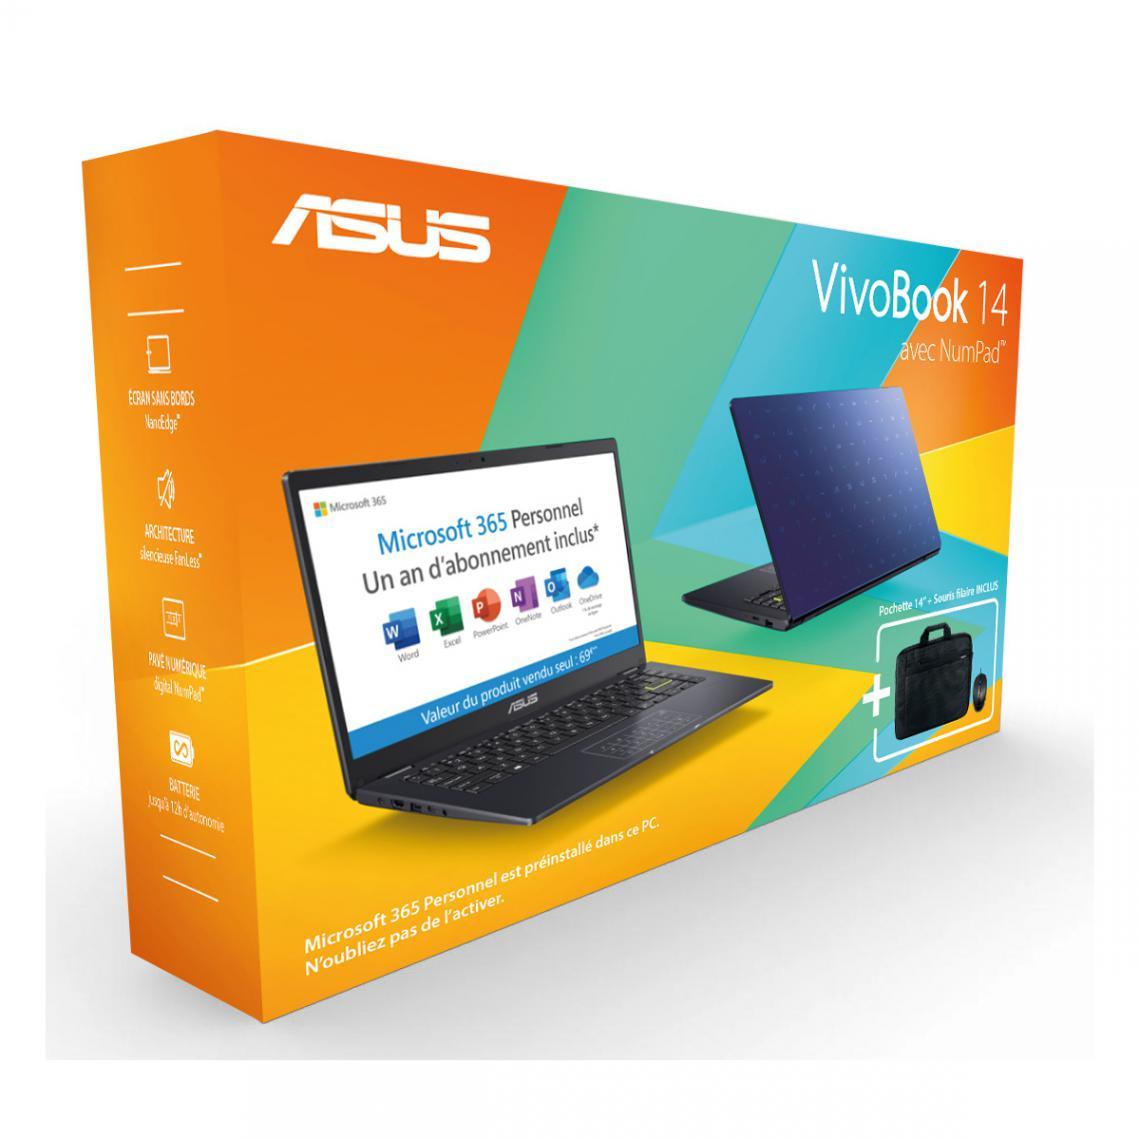 Asus Vivobook E410MA-EK971TS - Bleu + Sacoche + Souris + Office 365 1an